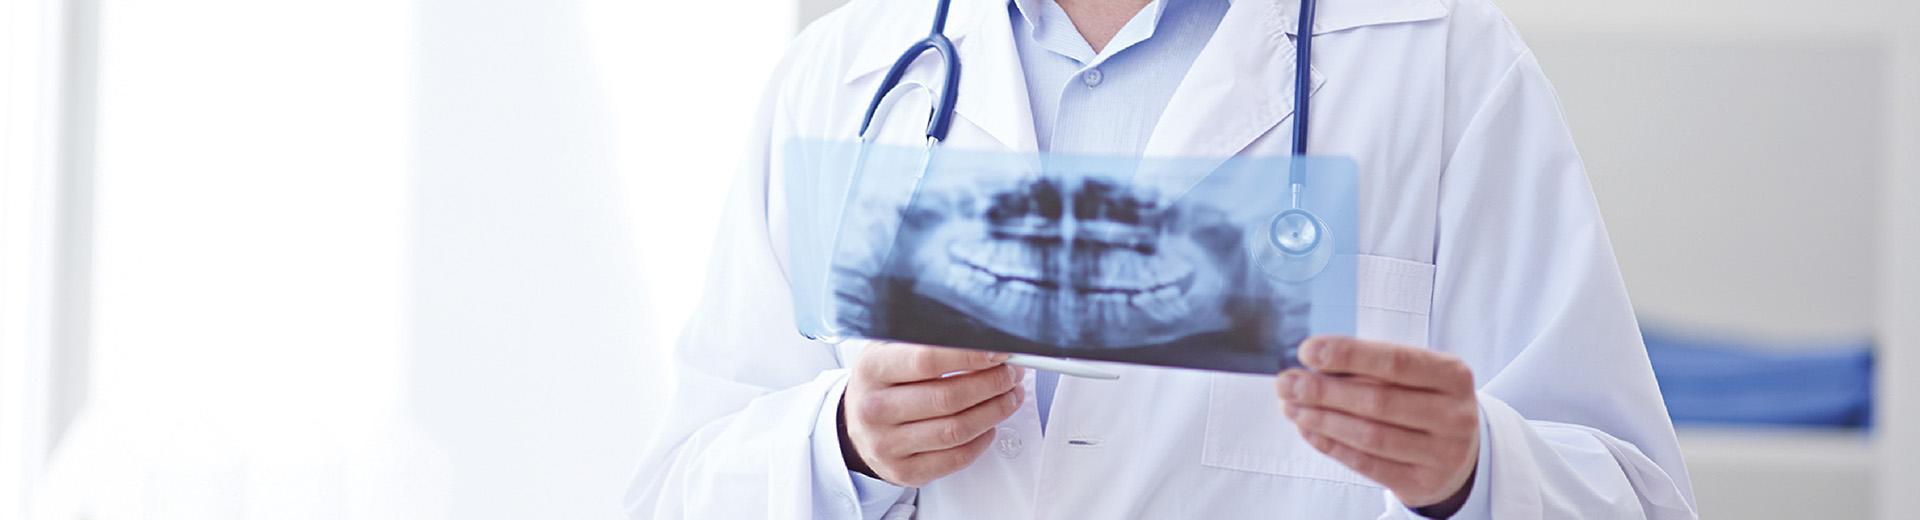 Nhổ răng khôn mọc ngầm – An toàn, không đau, hồi phục nhanh